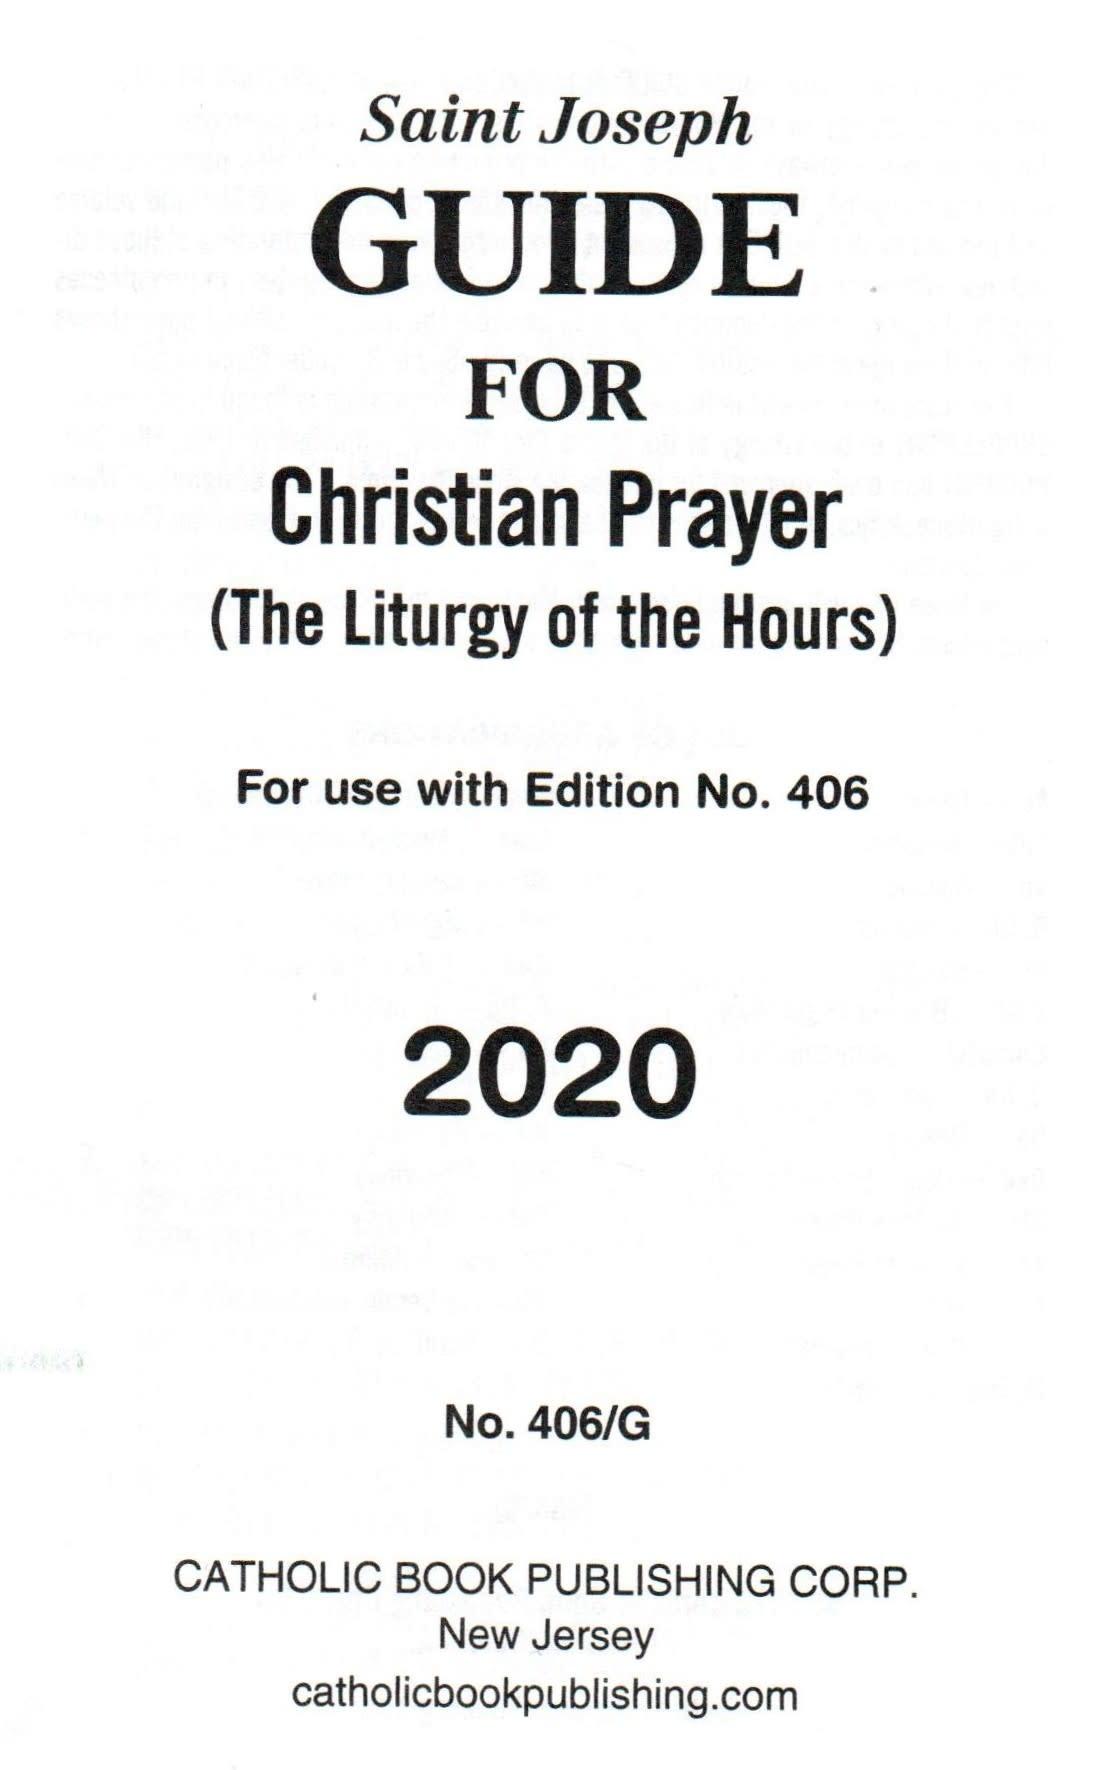 Saint Joseph Guide for Christian Prayer Large Print - 2020